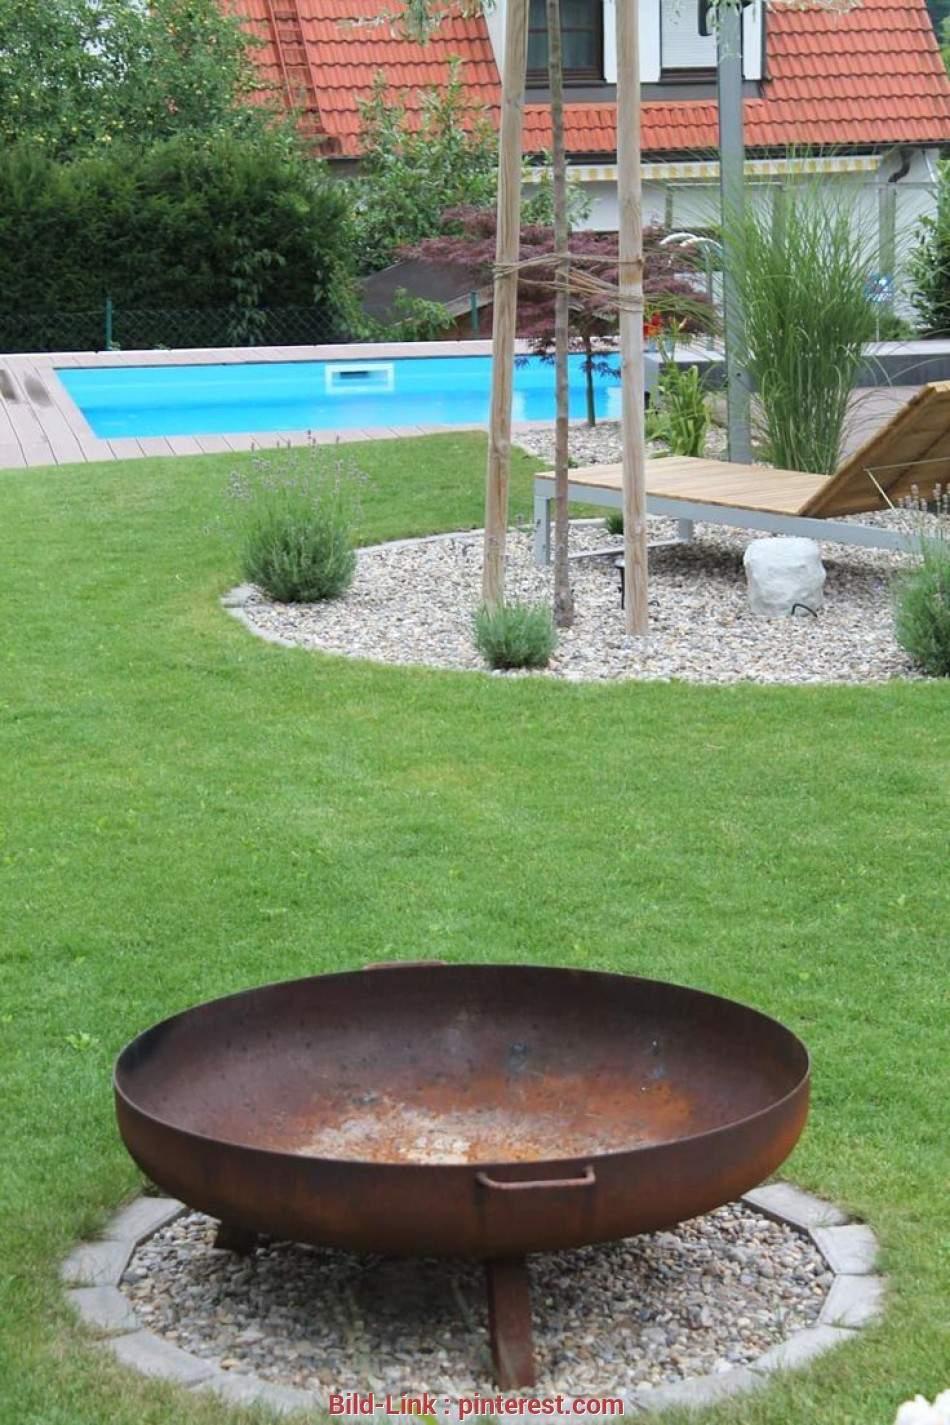 garten und landschaftsbau dortmund frisch o p couch gunstig 3086 aviacia of garten und landschaftsbau dortmund